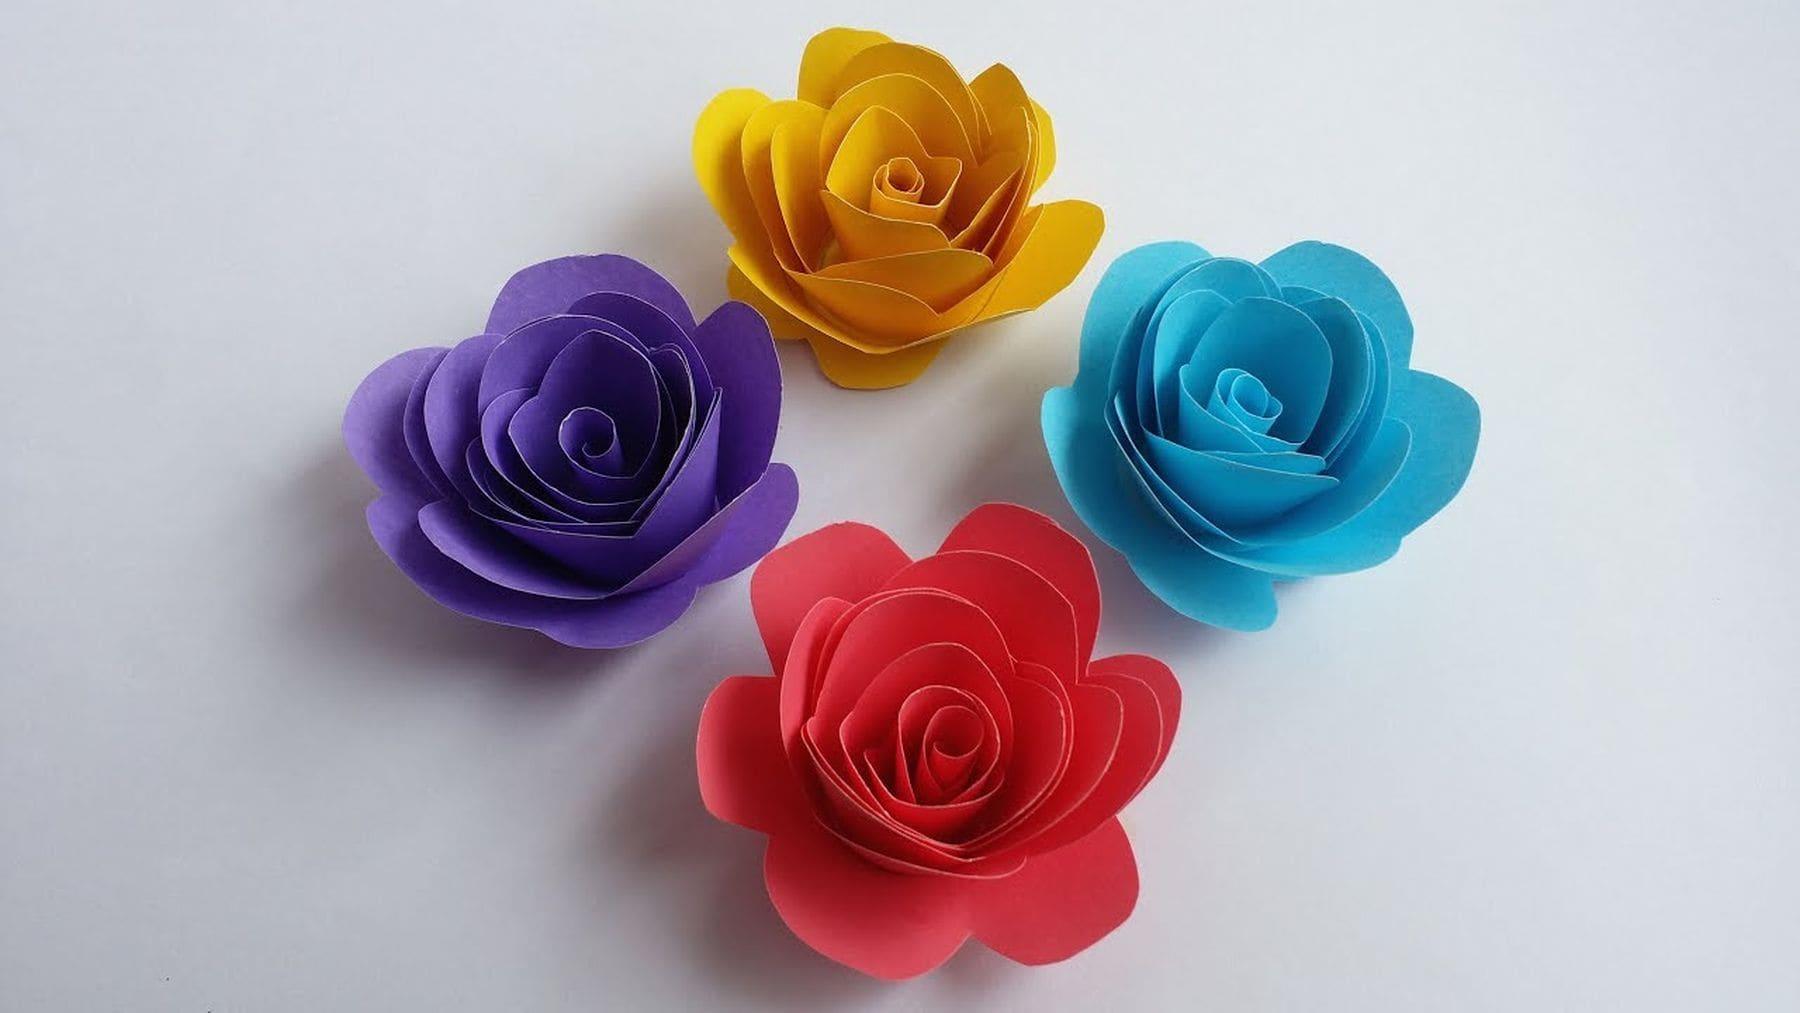 Wie man kleine Rosen aus Papier bastelt   Handwerk   Was is hier eigentlich los?